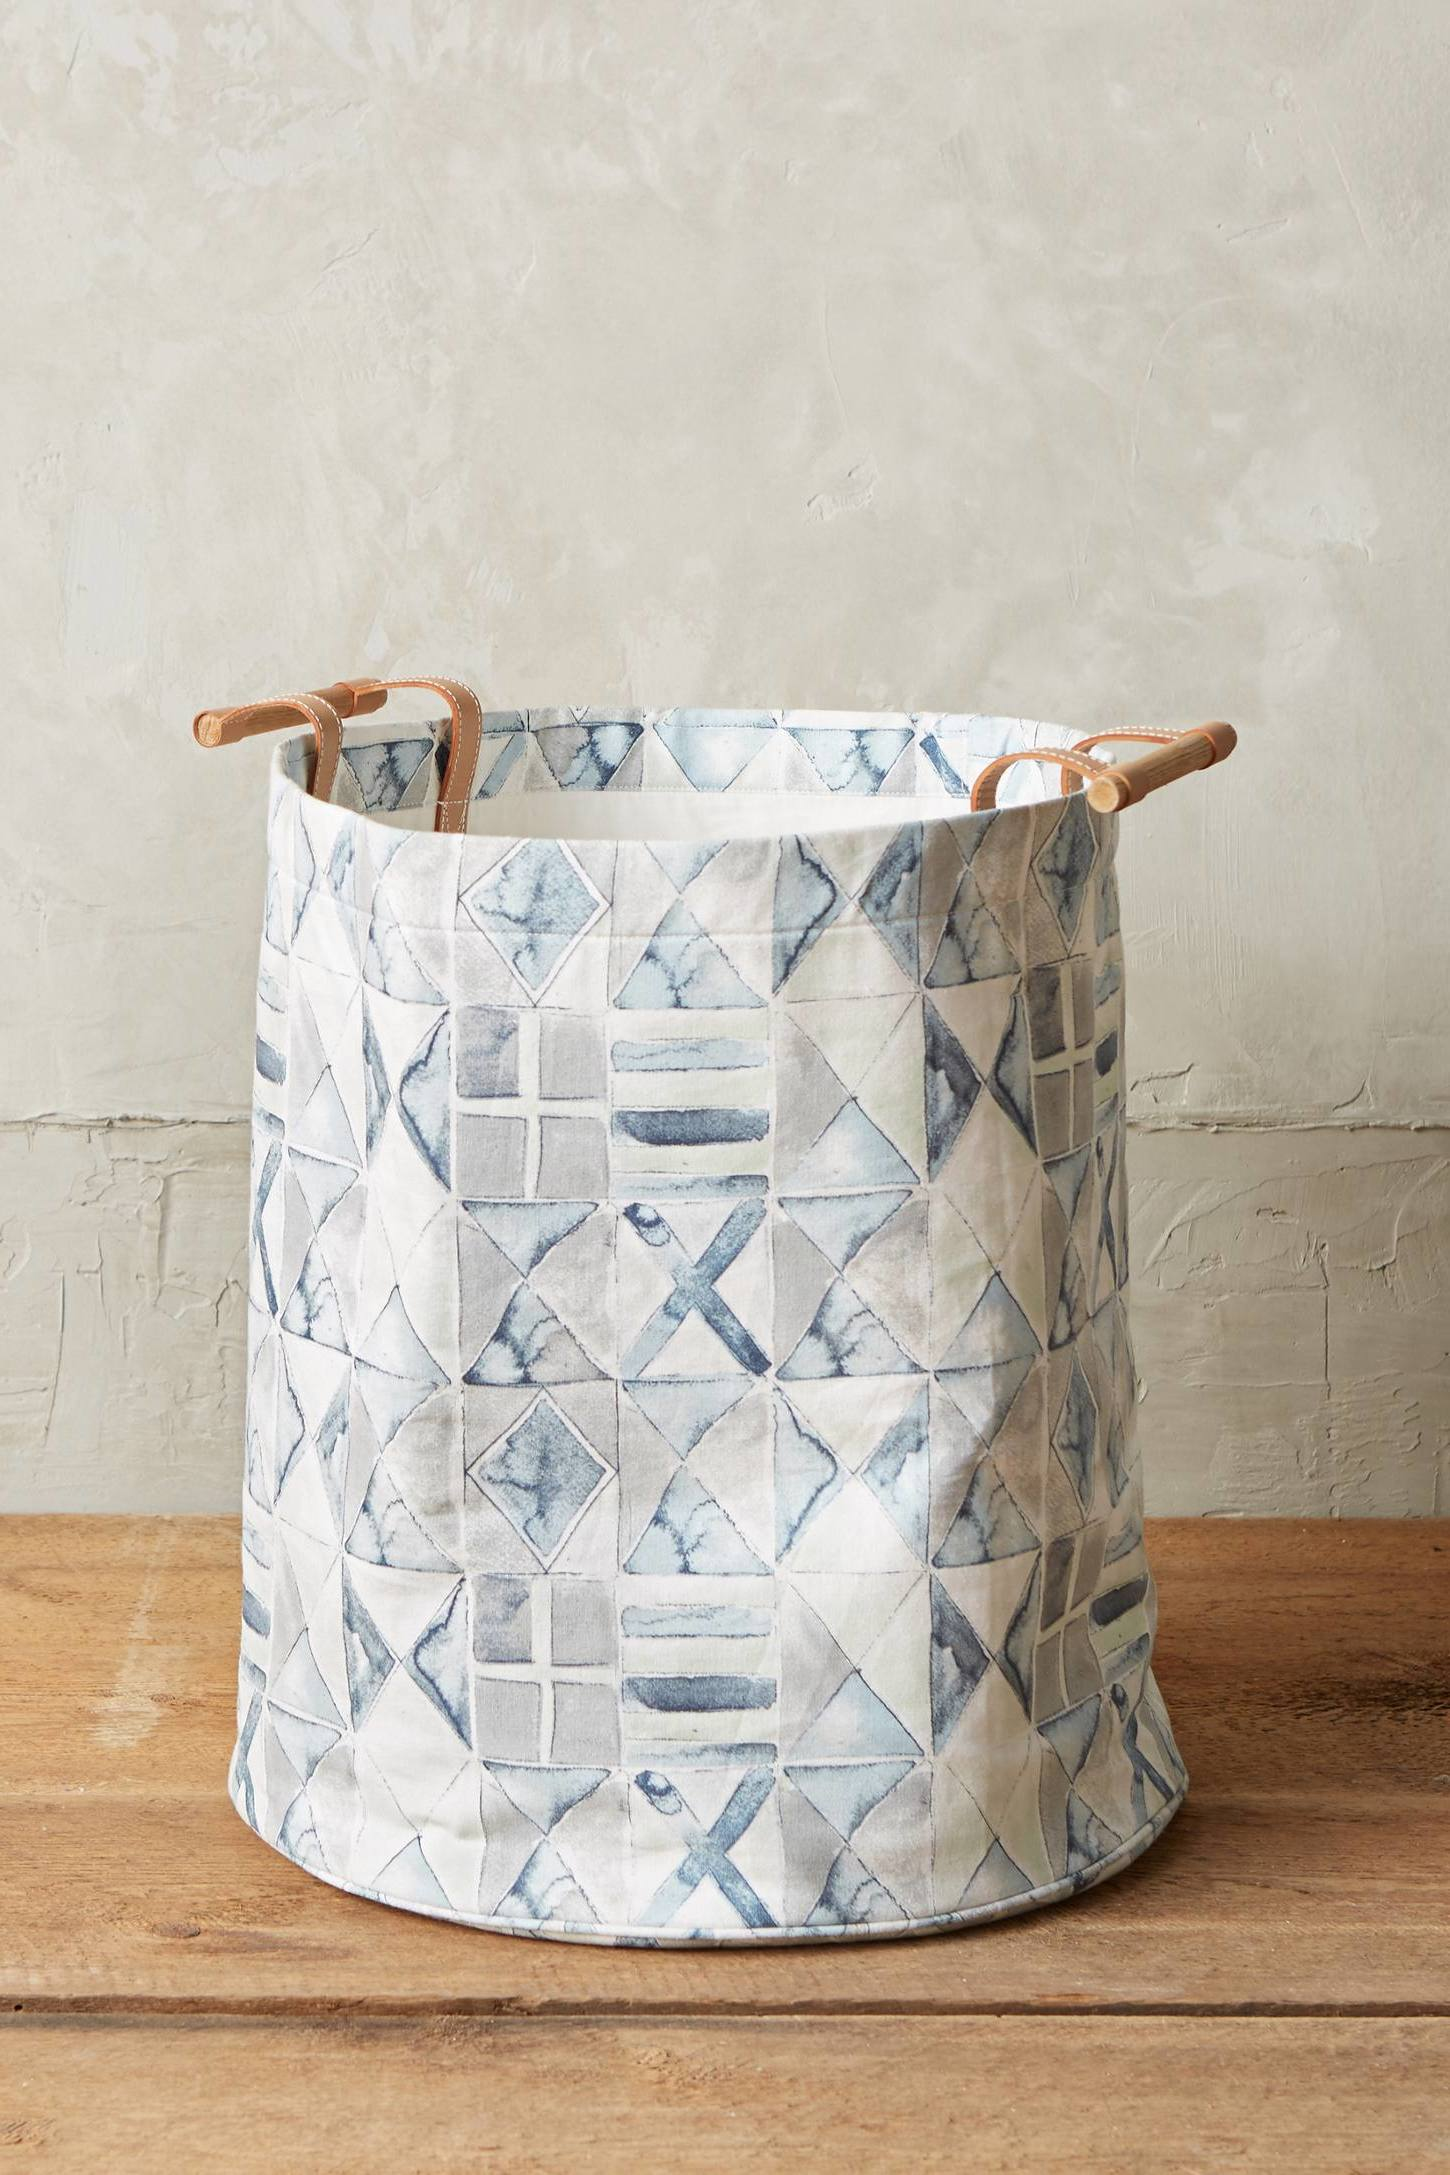 Unkonventionelles Denken: Basteln Sie selber einen Wäschekorb ohne Nähen!